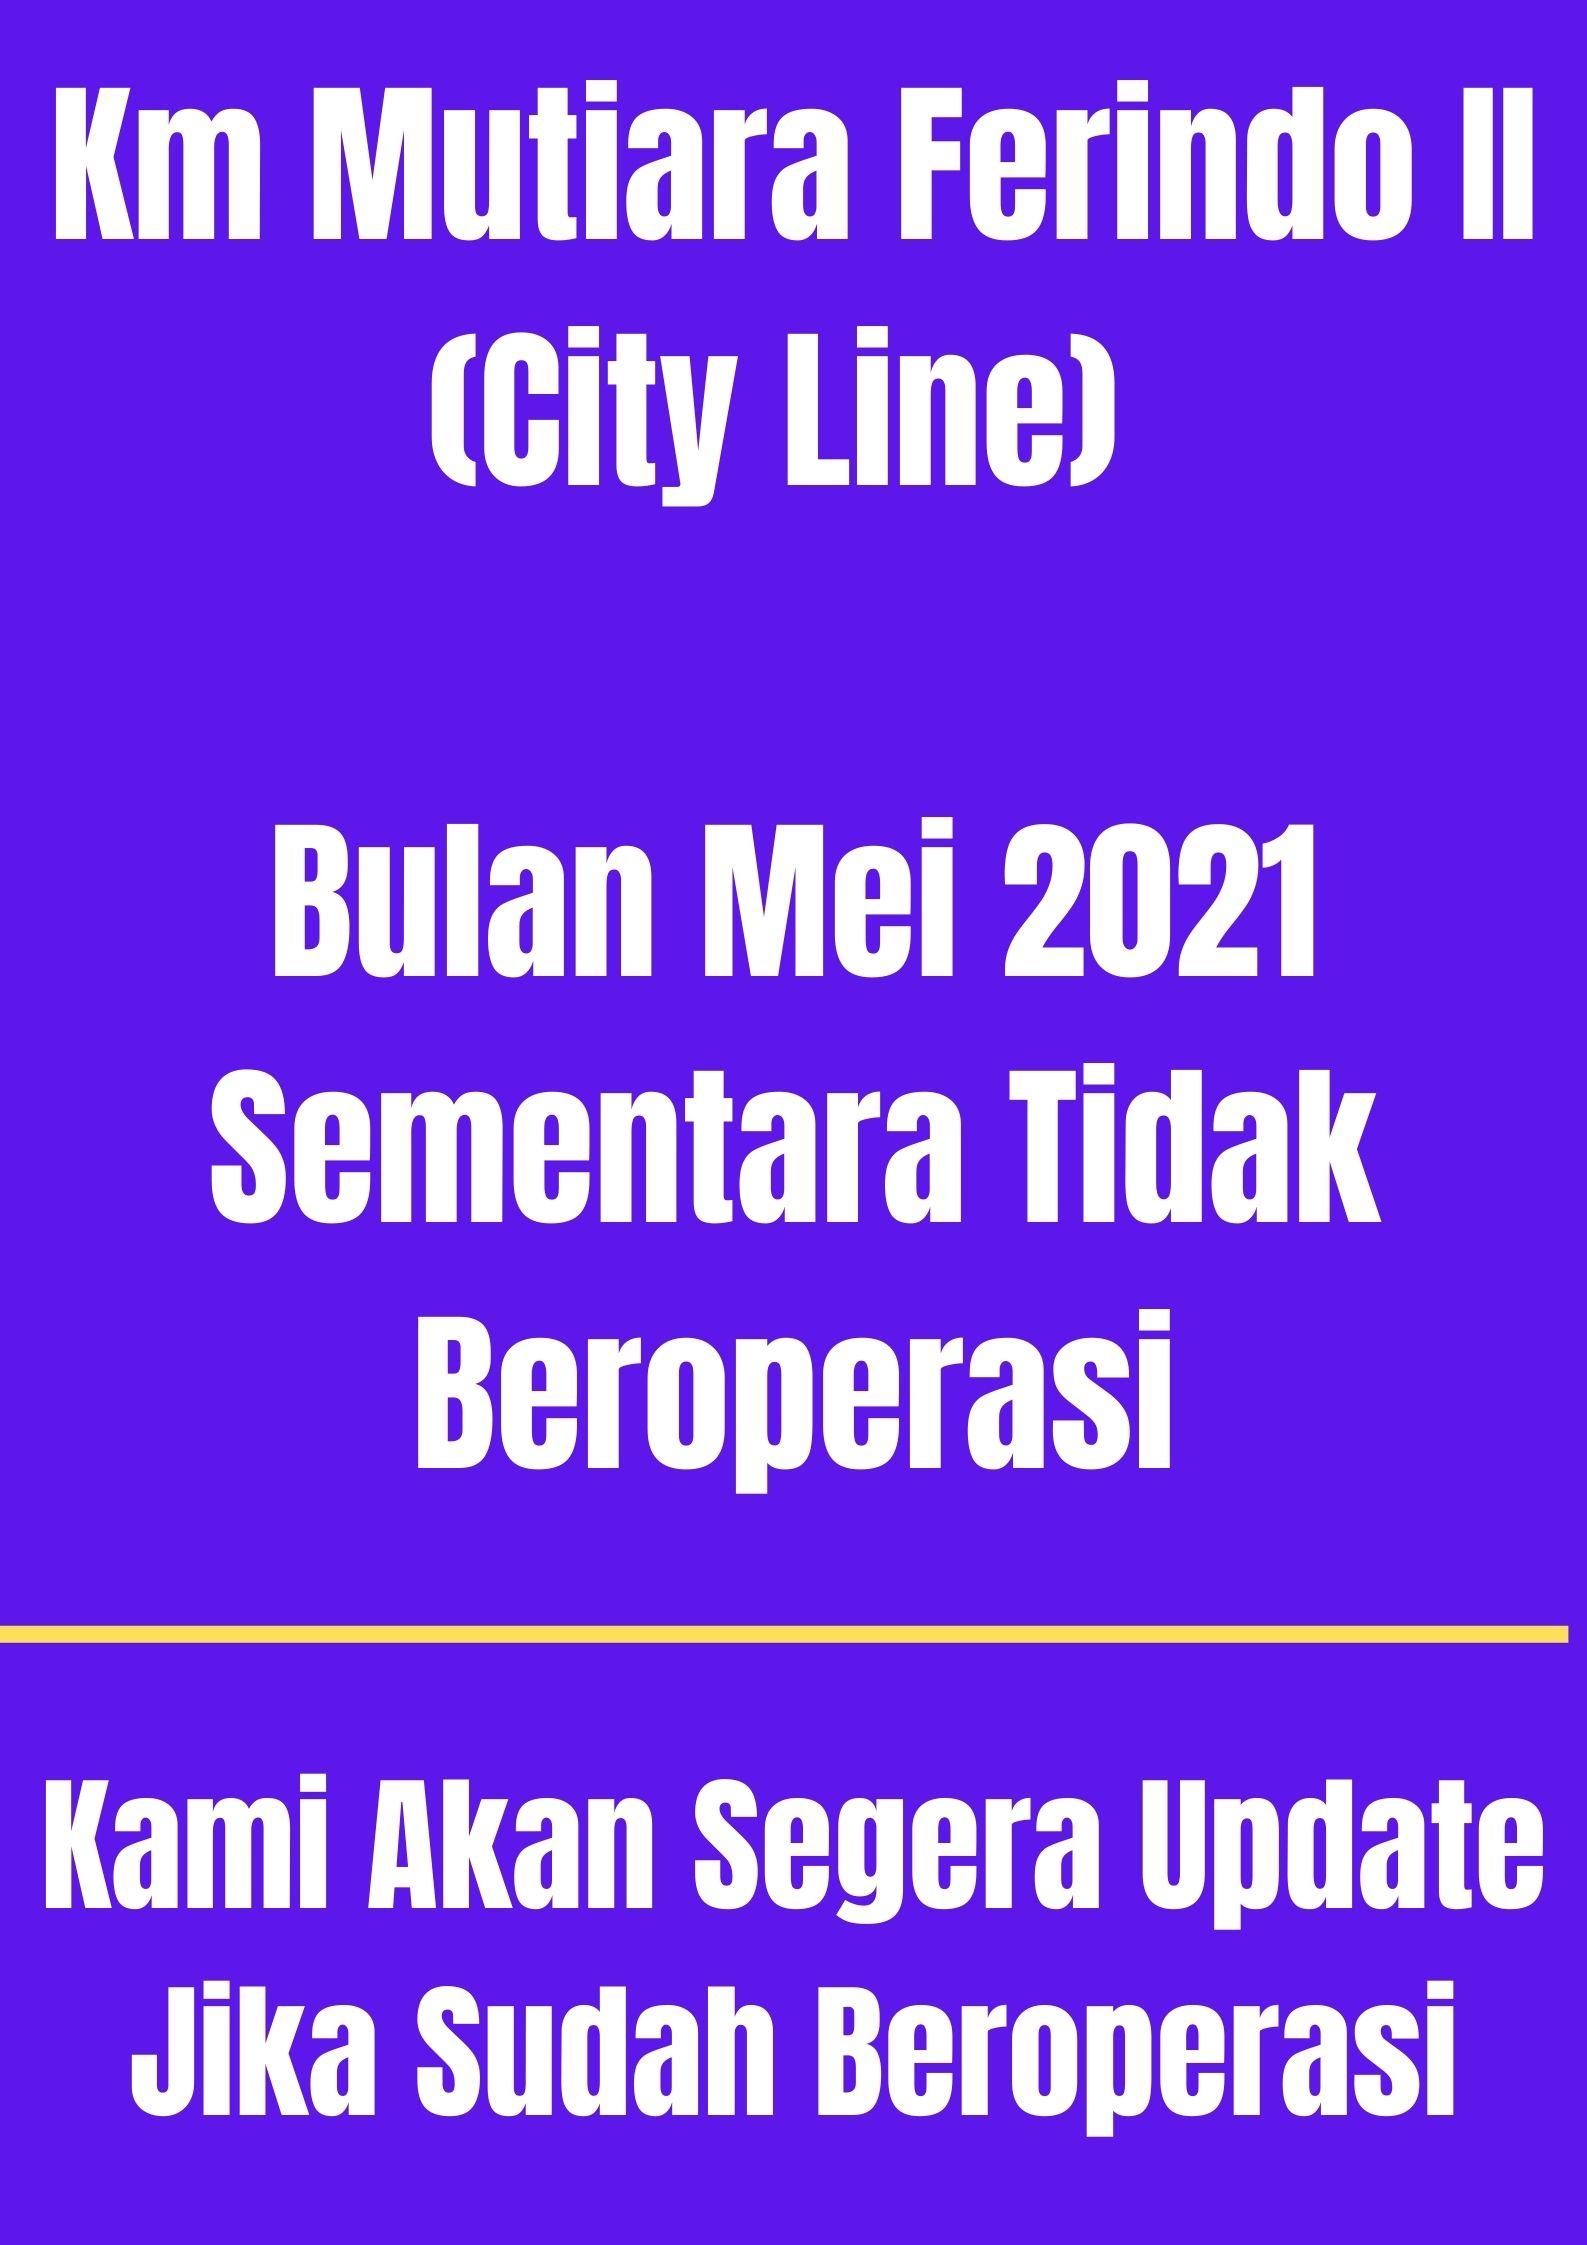 Jadwal & Tarif Km Mutiara Ferindo II Mei 2021